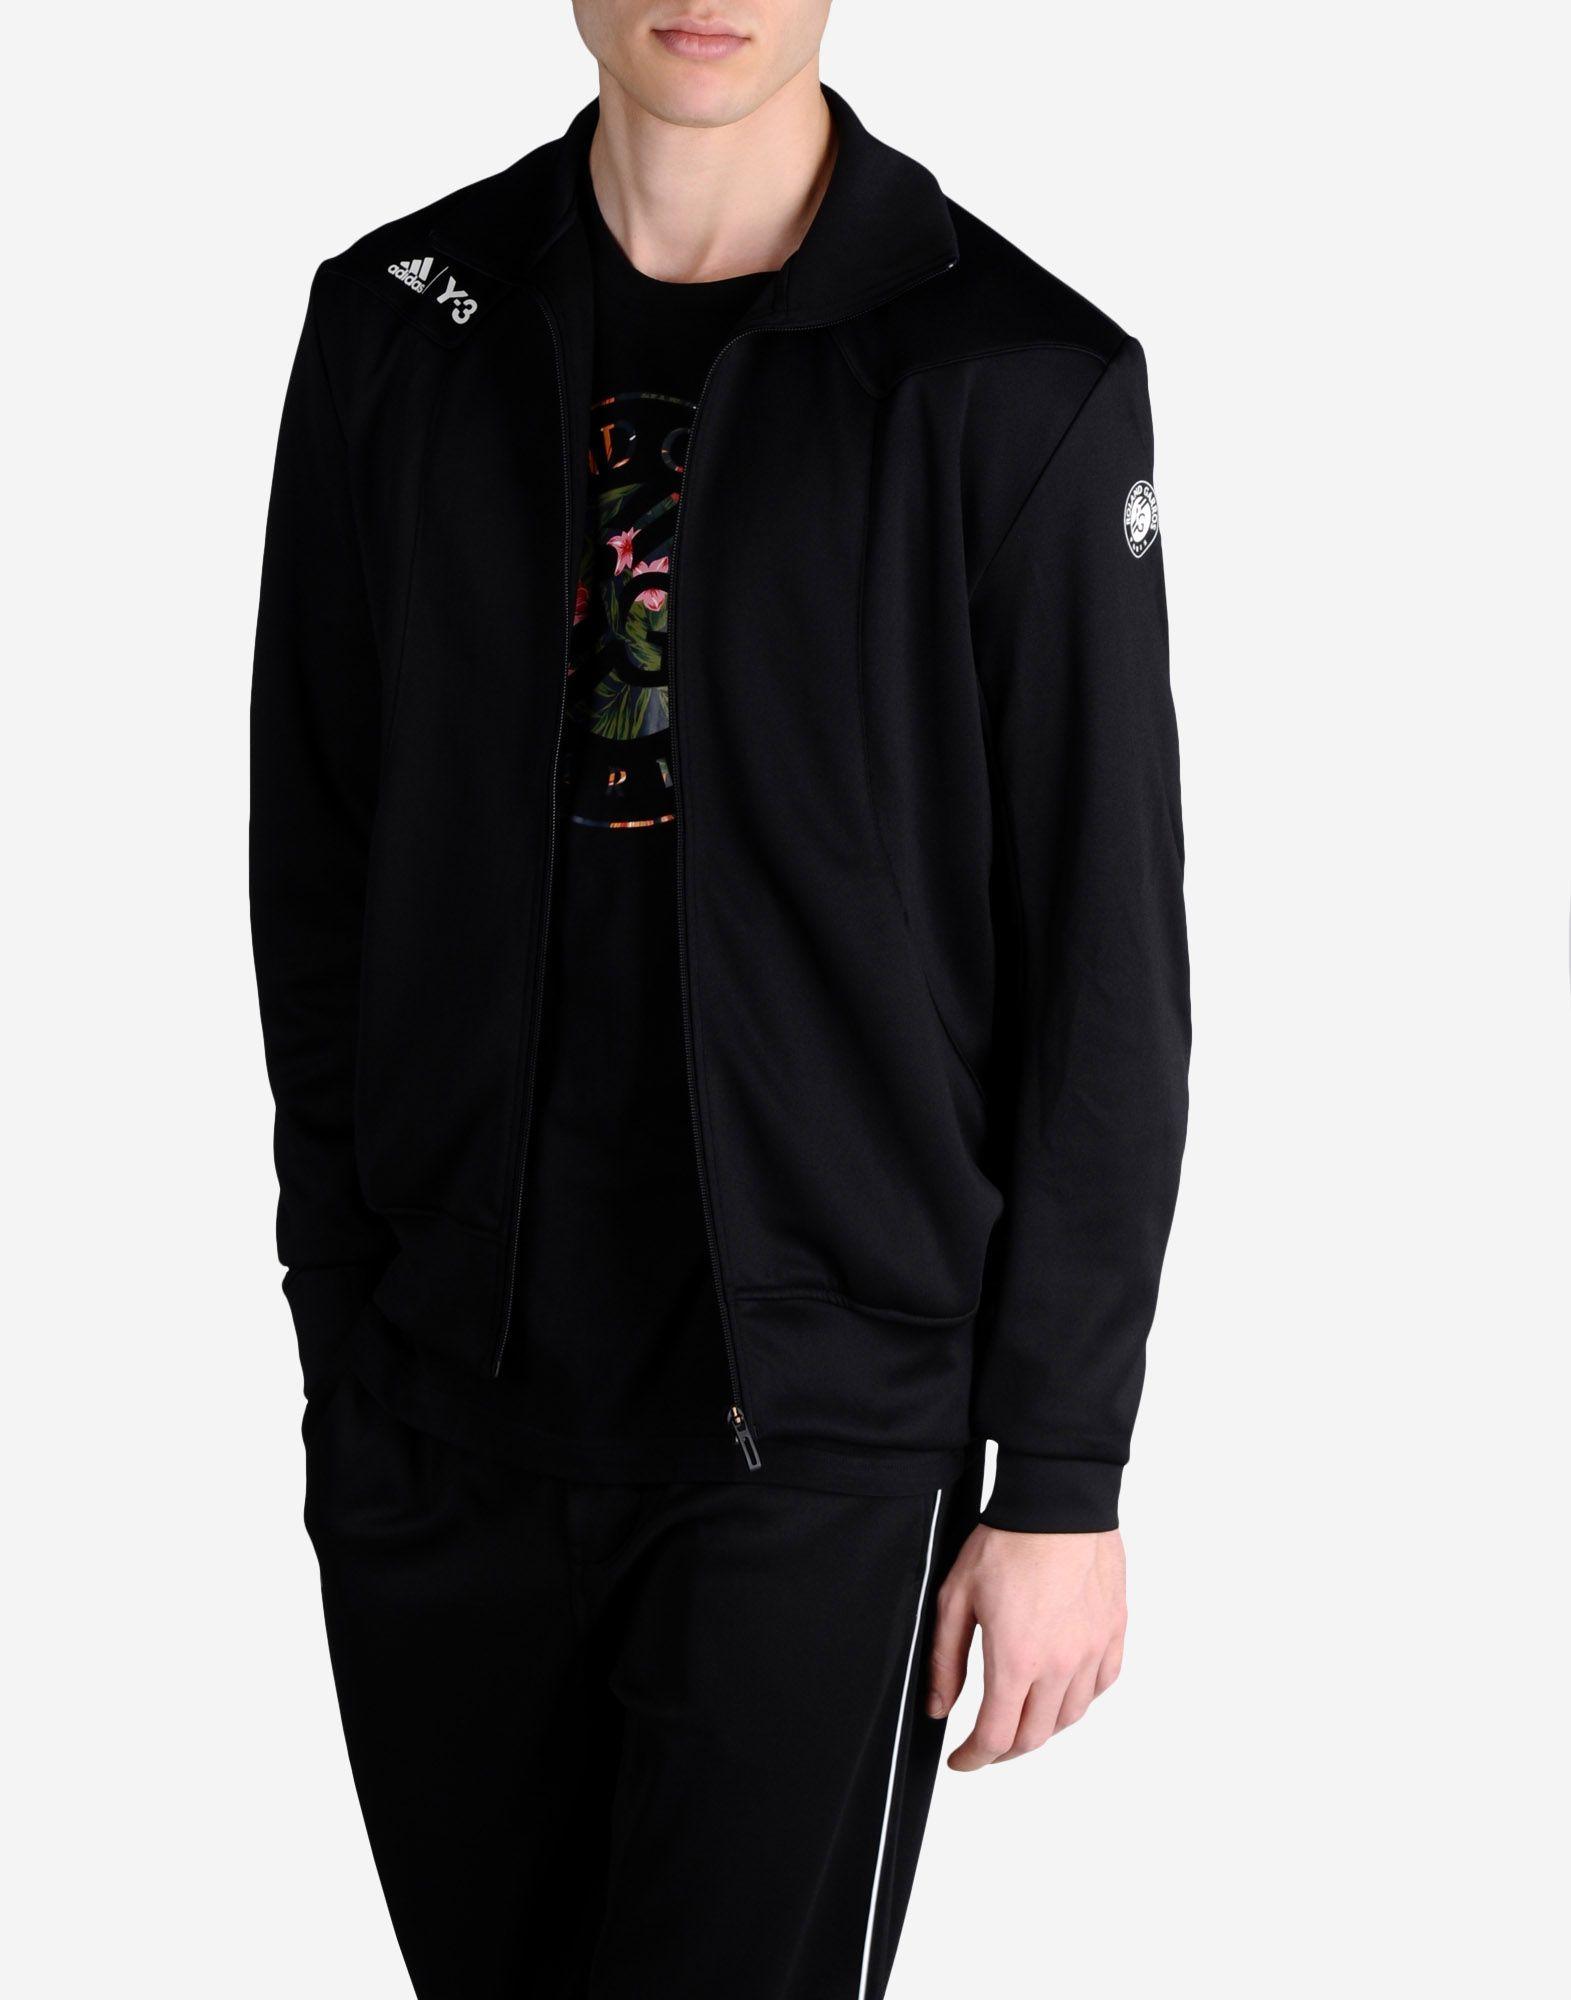 342ec0353349 adidas y3 jacket